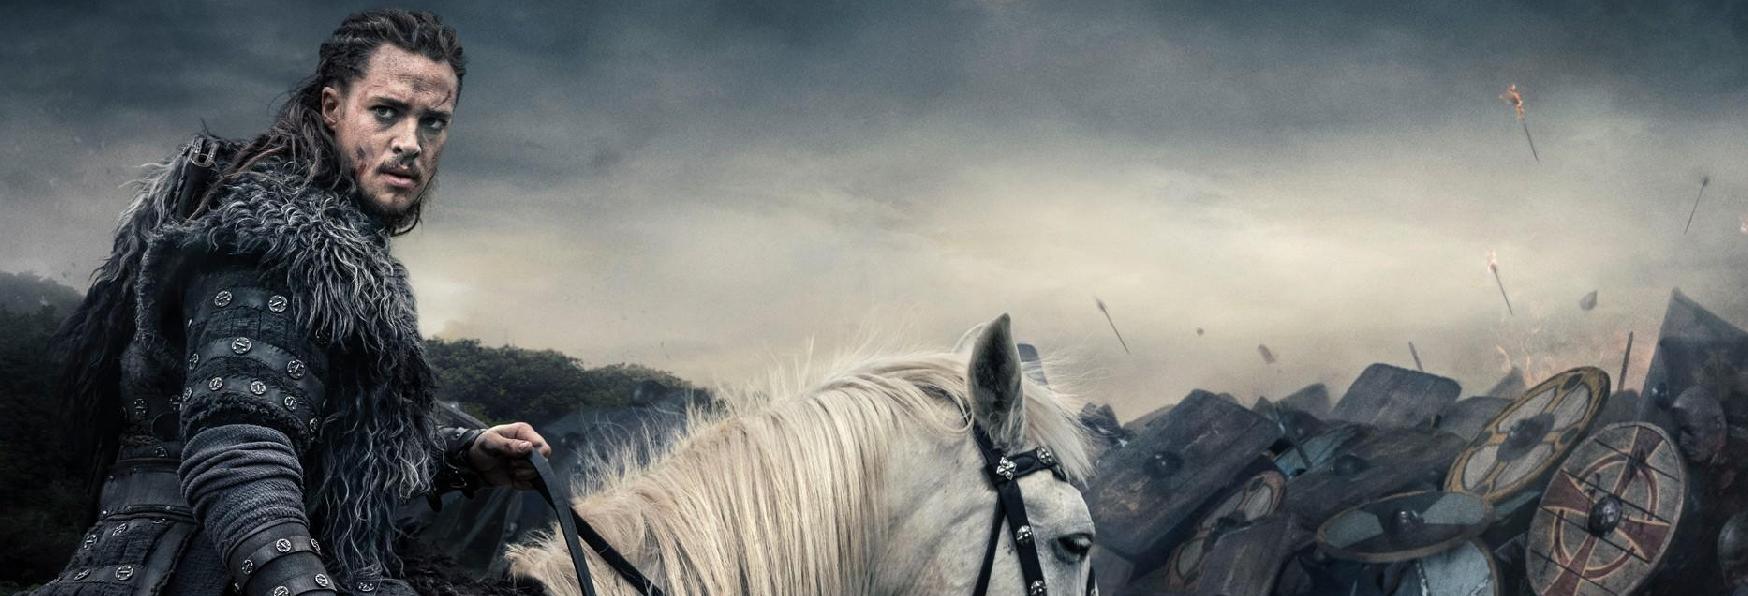 The Last Kingdom: annunciato il Rinnovo per una 4° Stagione.